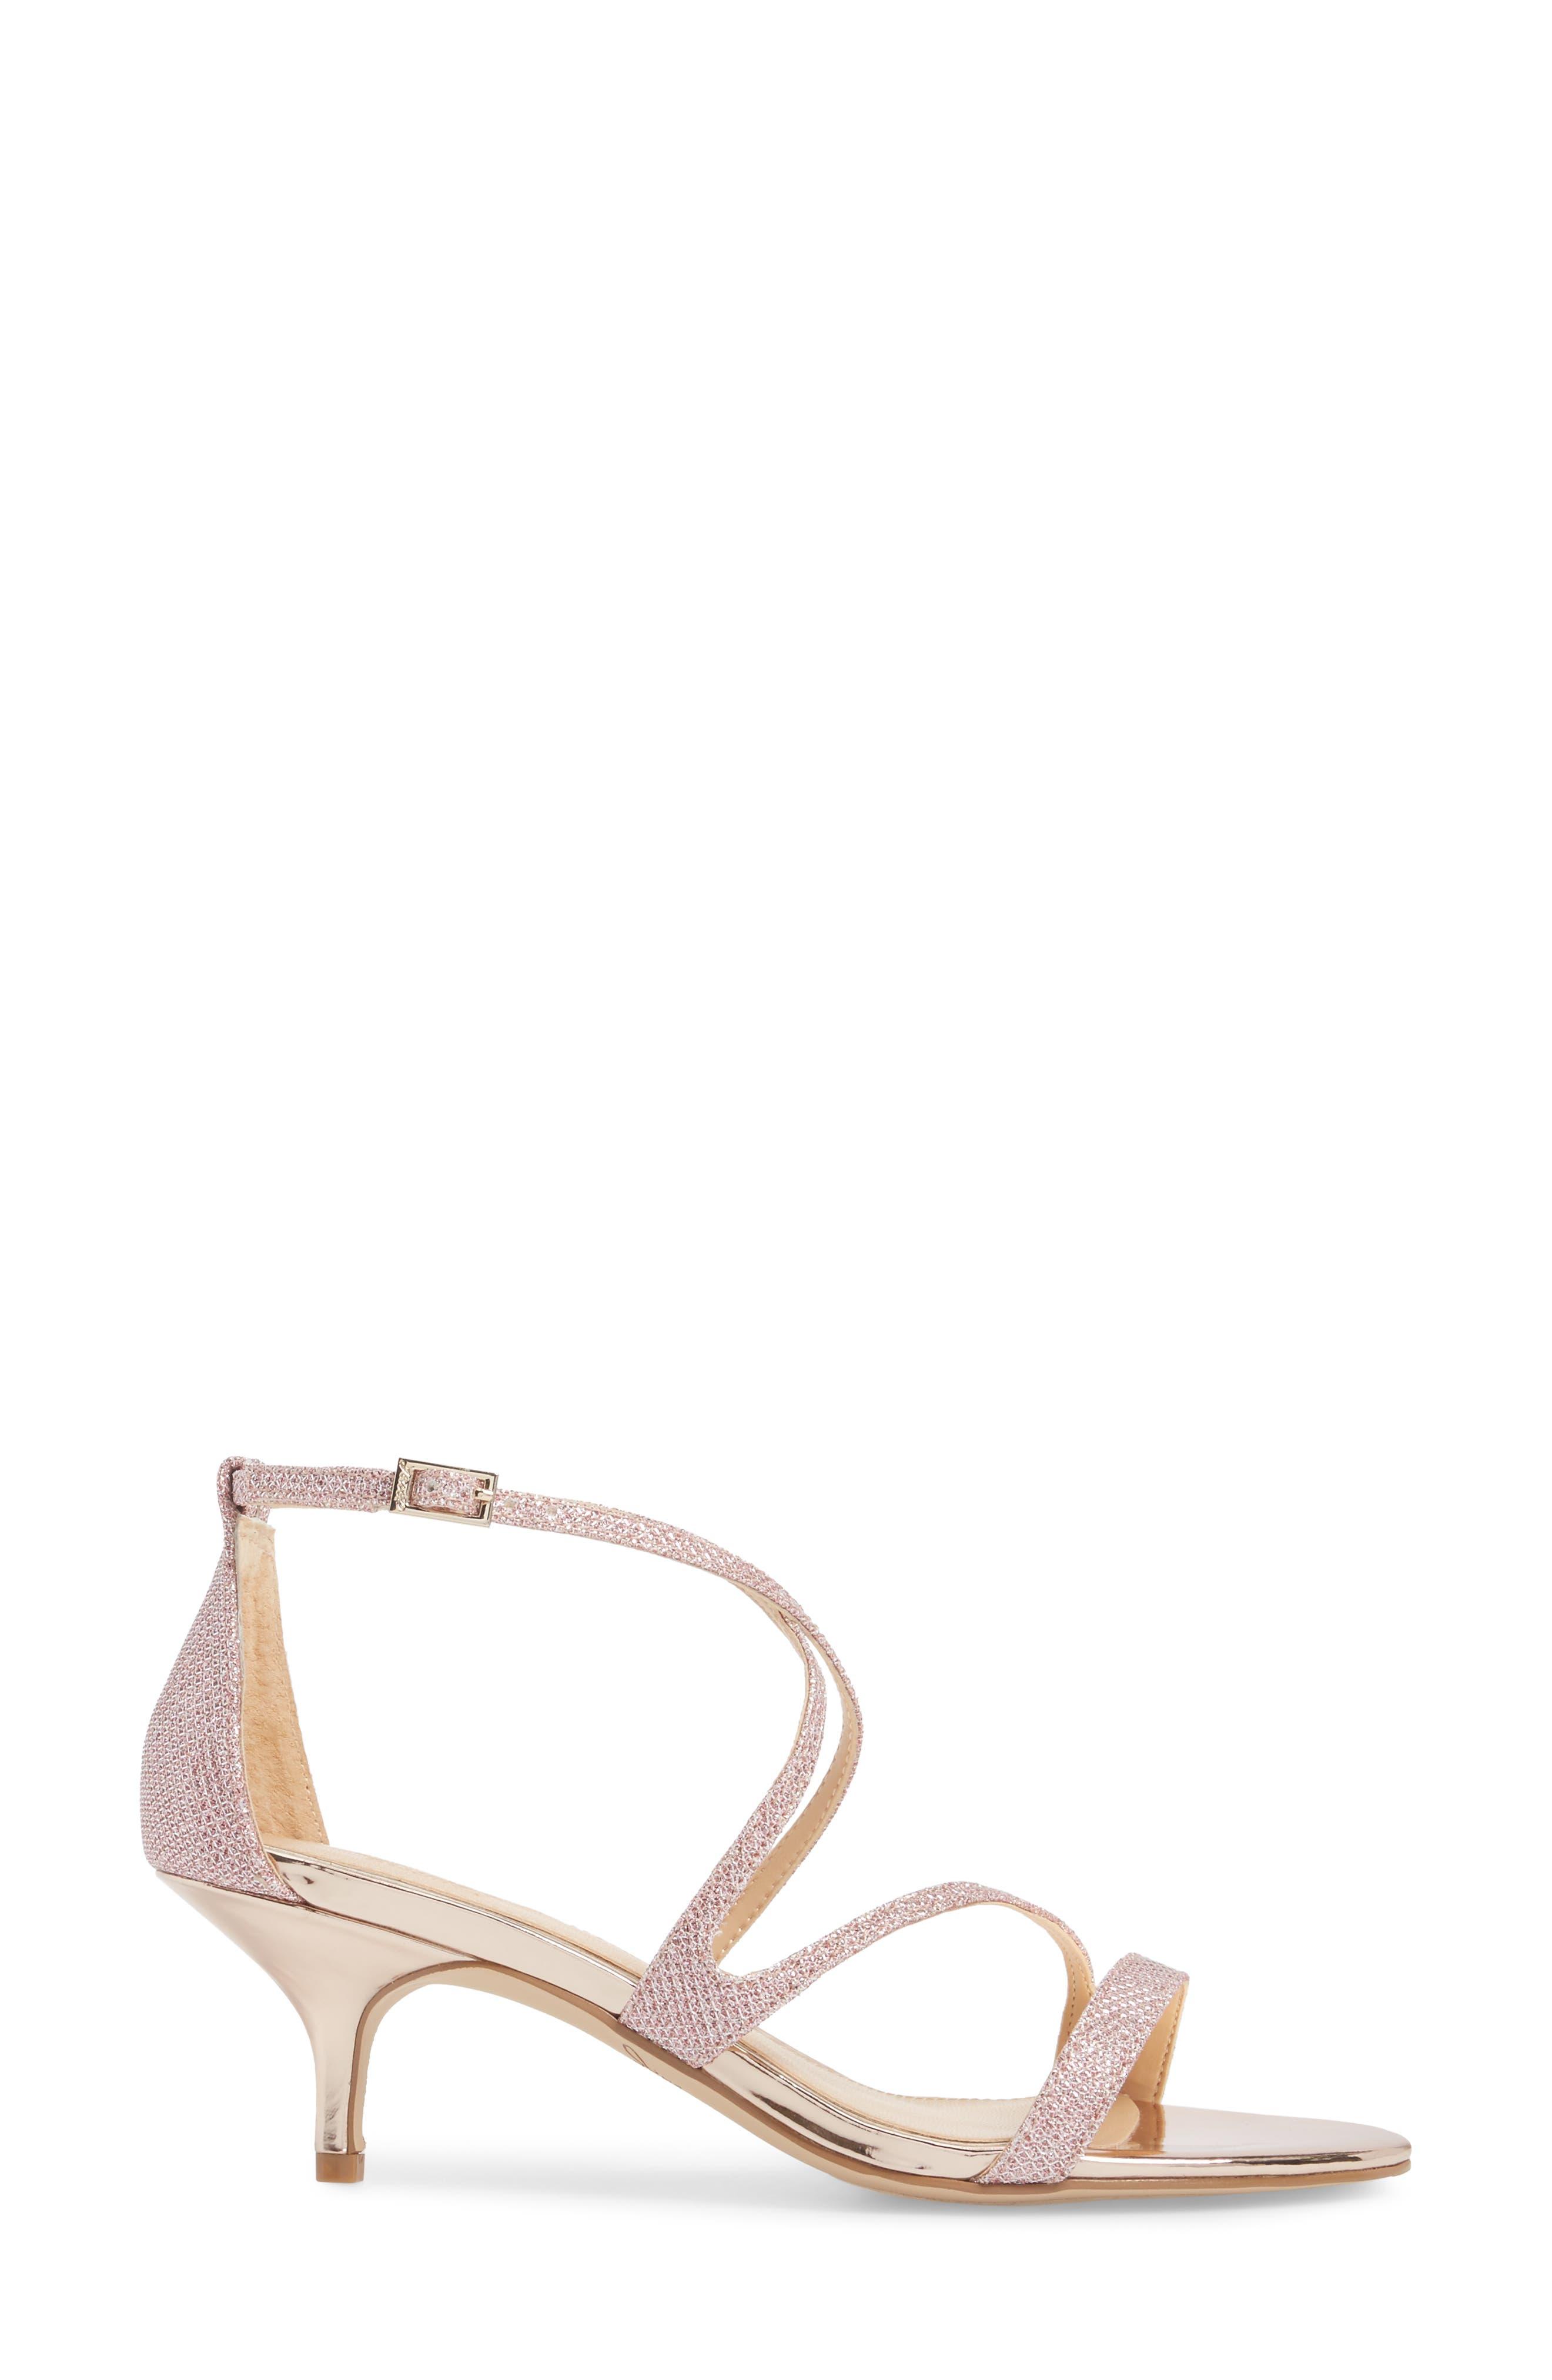 Gal Glitter Kitten Heel Sandal,                             Alternate thumbnail 3, color,                             Rose Gold Glitter Fabric